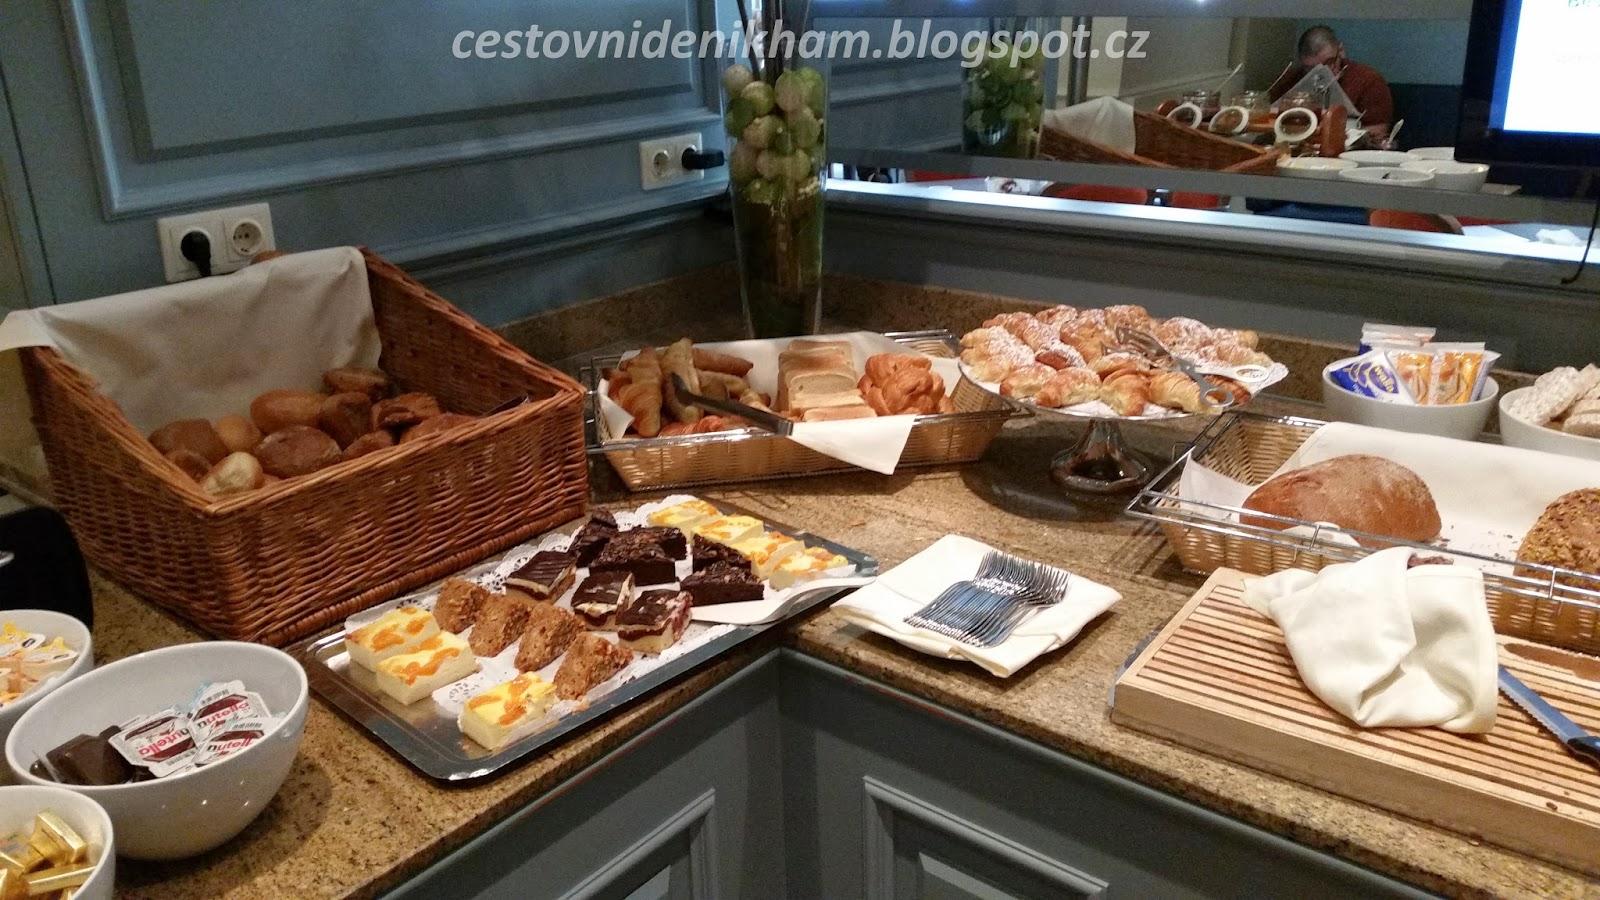 snídaně v hotelu // breakfast at hotel